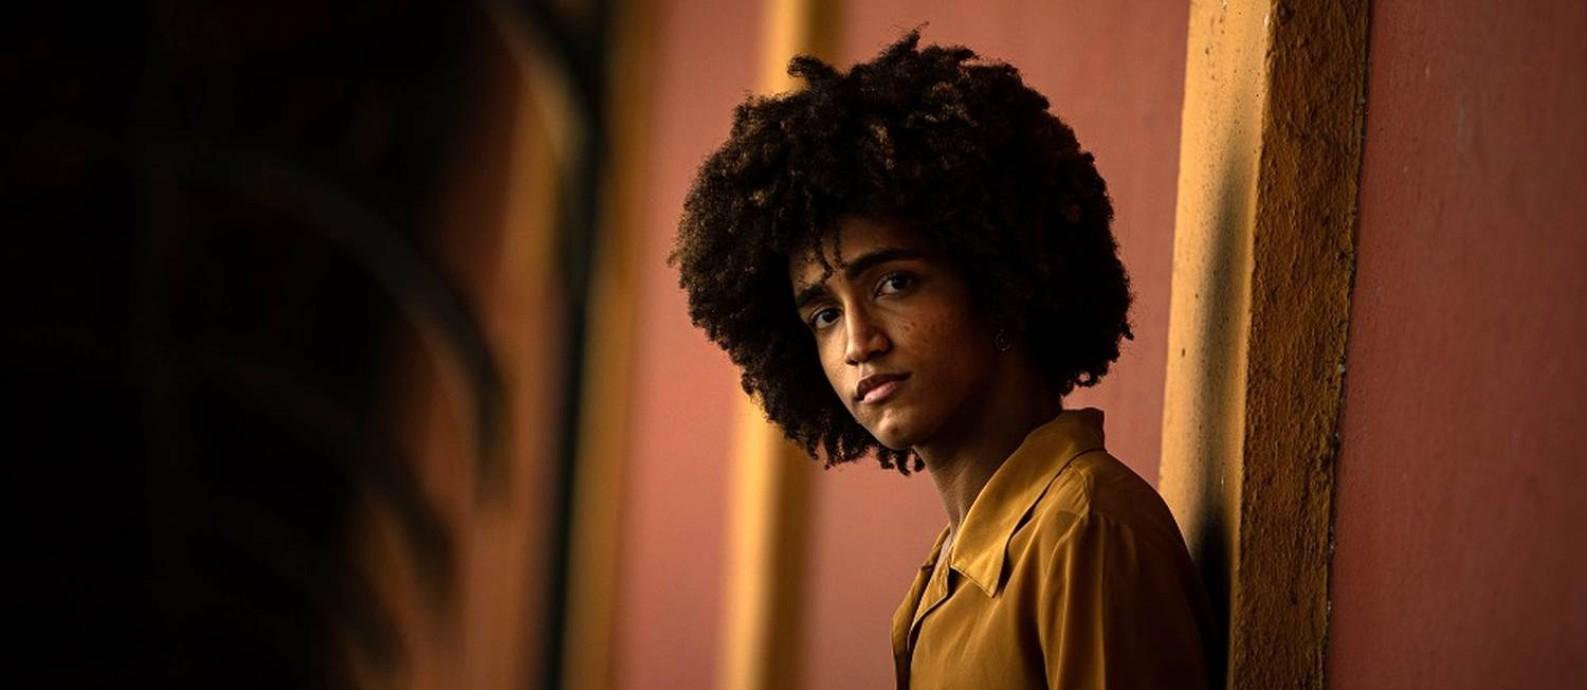 João Pedro Manhães, de 19 anos, é ex-aluno do São Bento Foto: Hermes de Paula / Agência O Globo